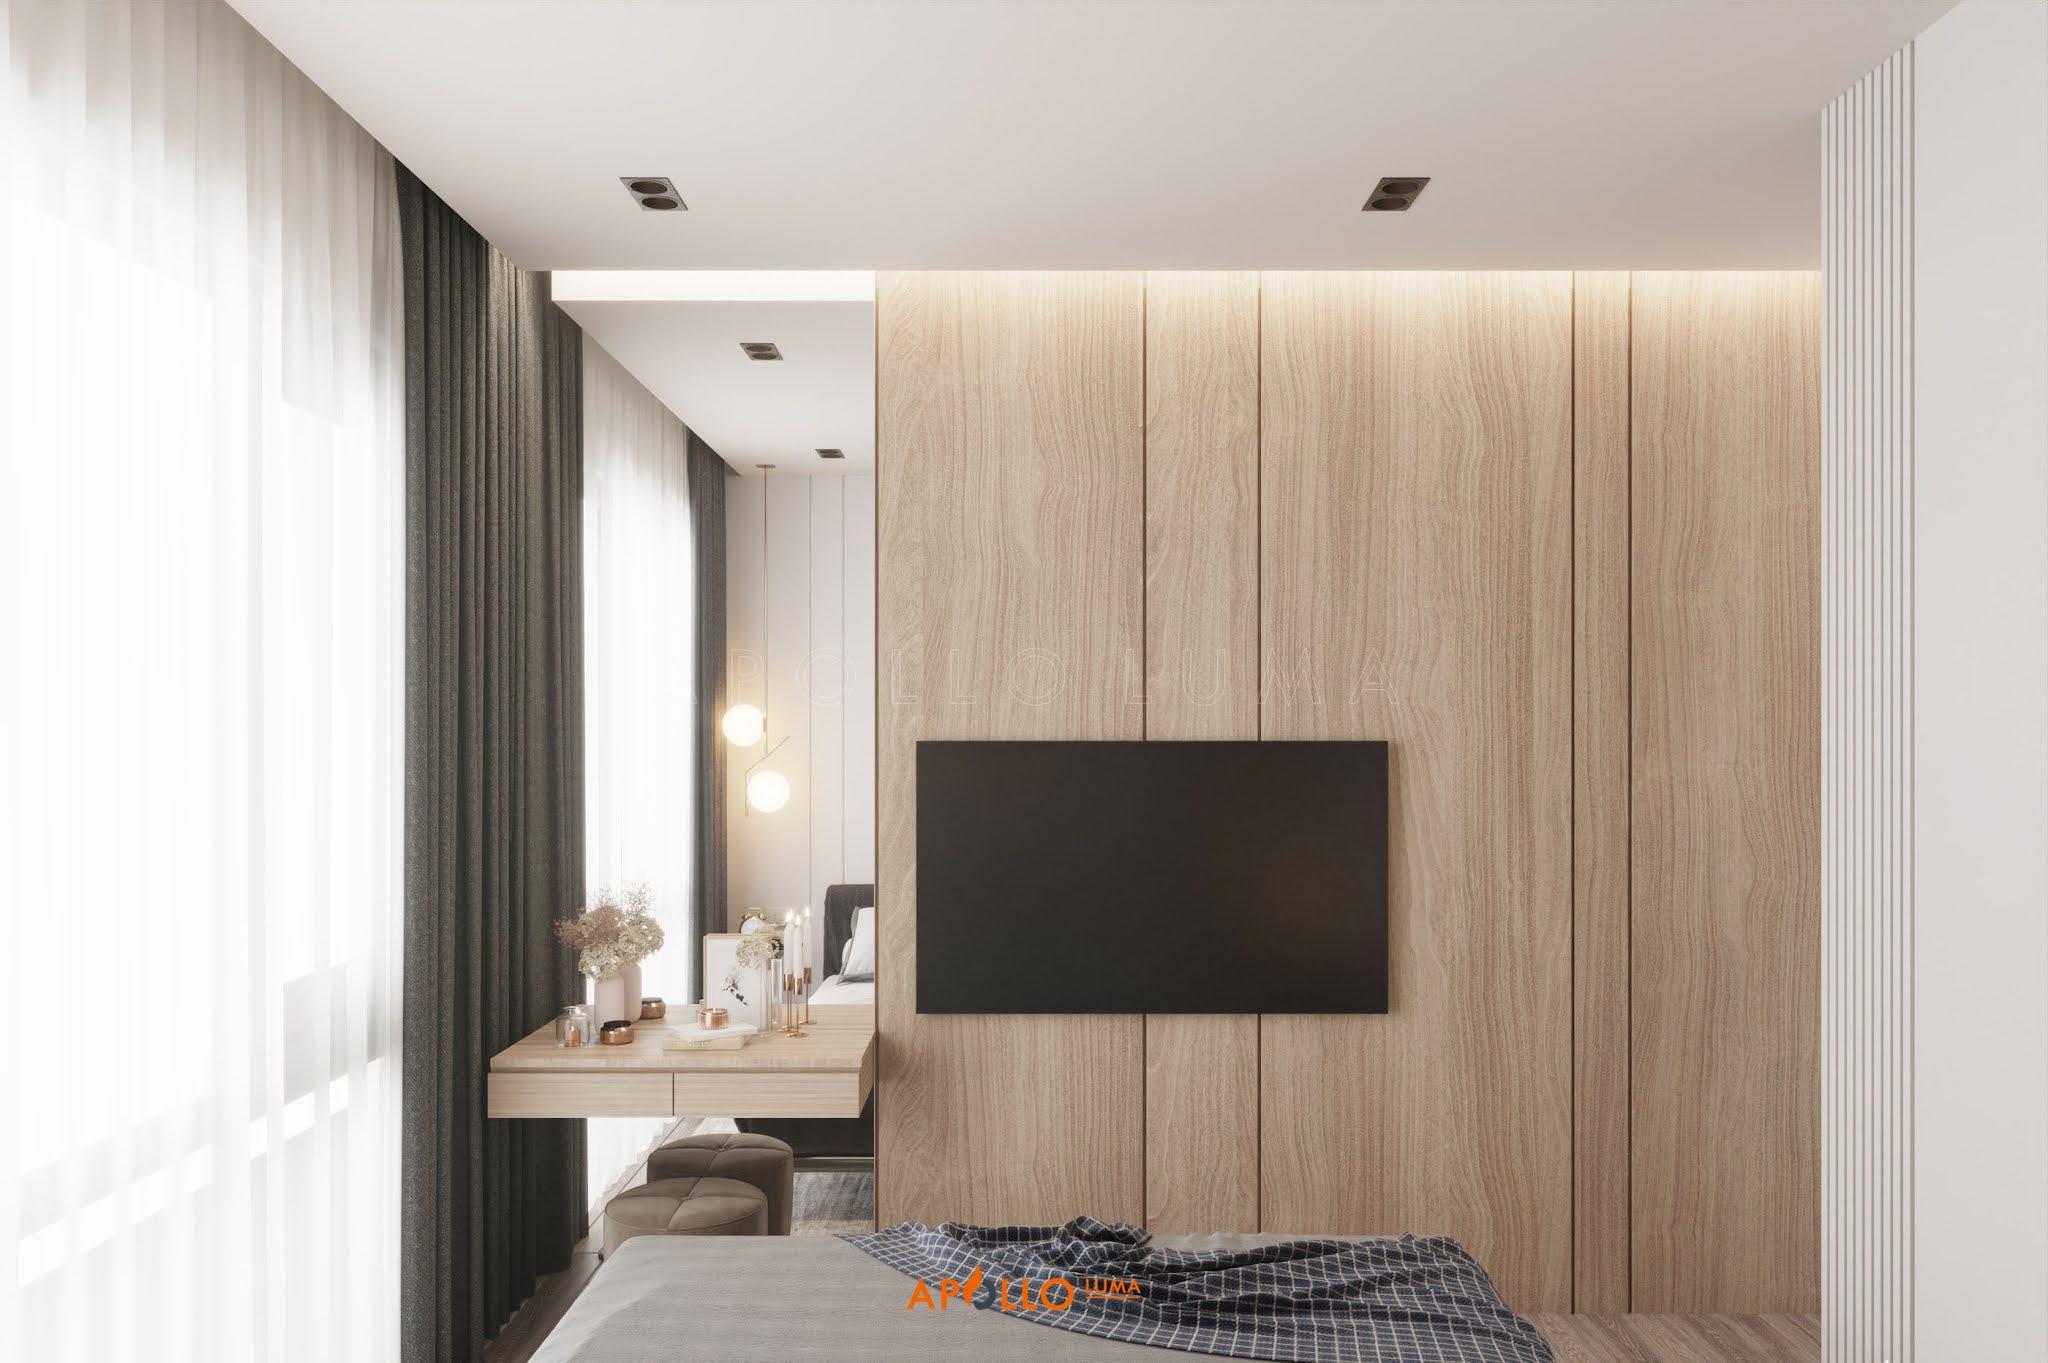 Thiết kế nội thất căn 3PN (75m2) S2.03-06 Vinhomes Smart City phong cách Minimalism